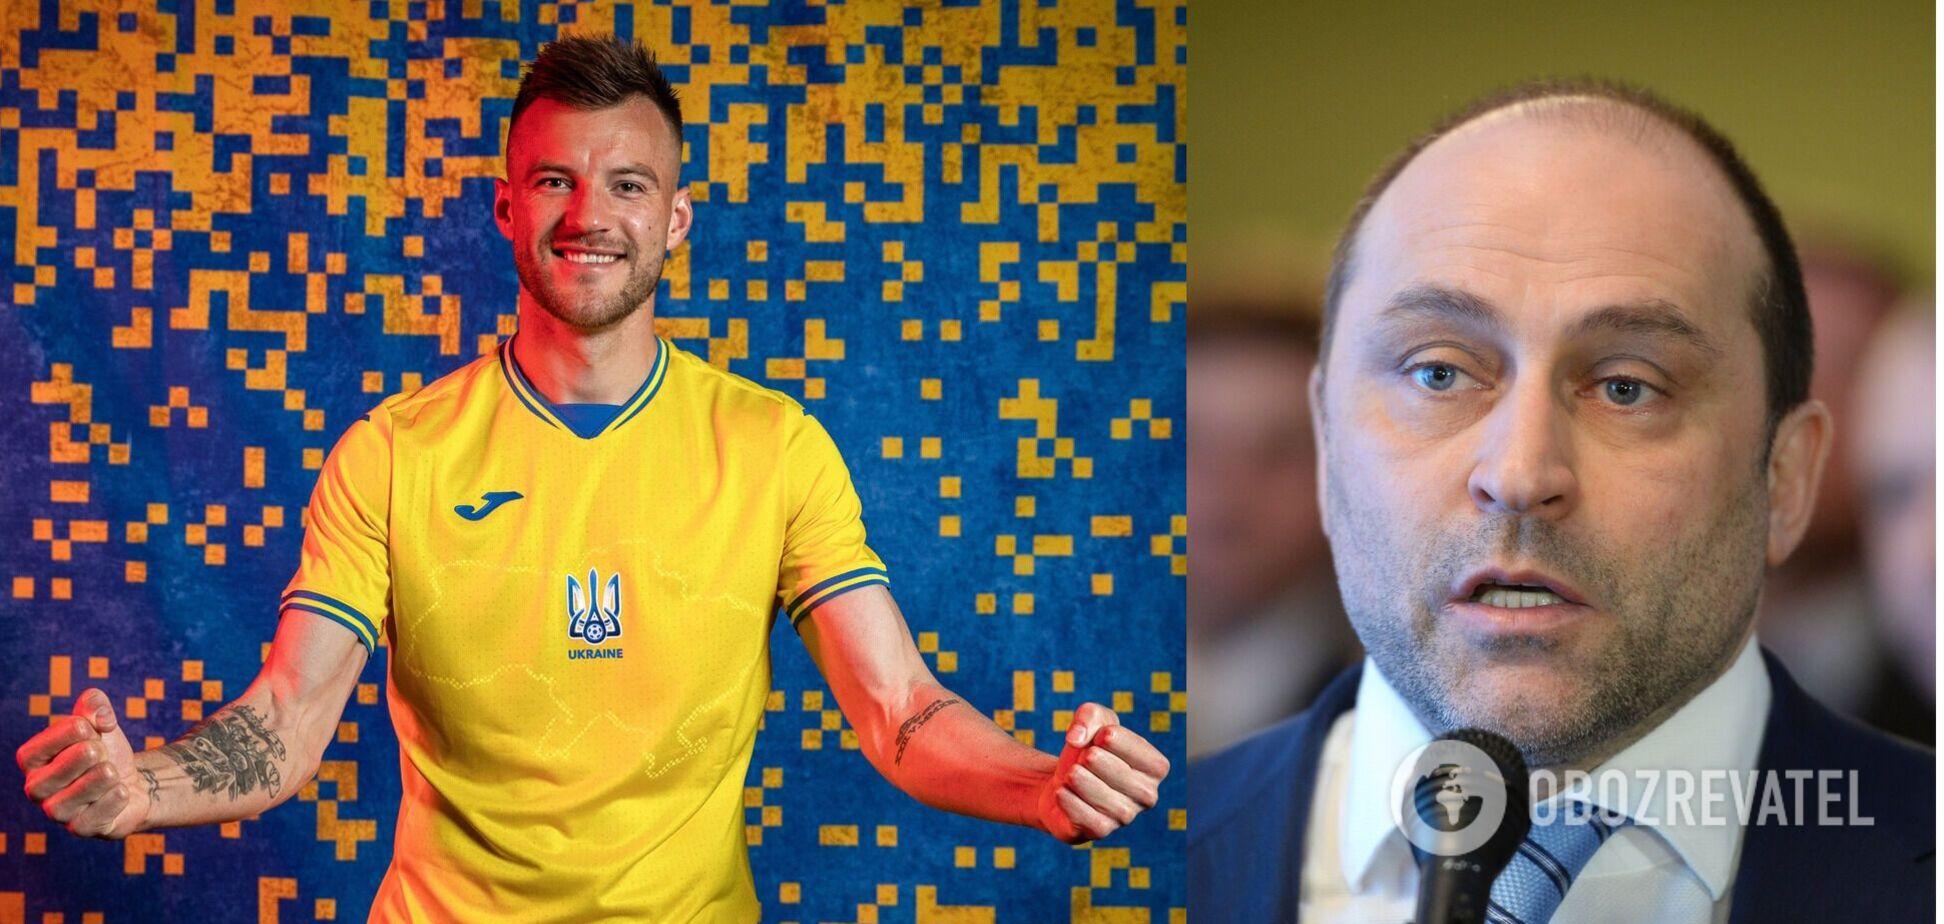 Дмитро Свищов розкритикував форму збірної України